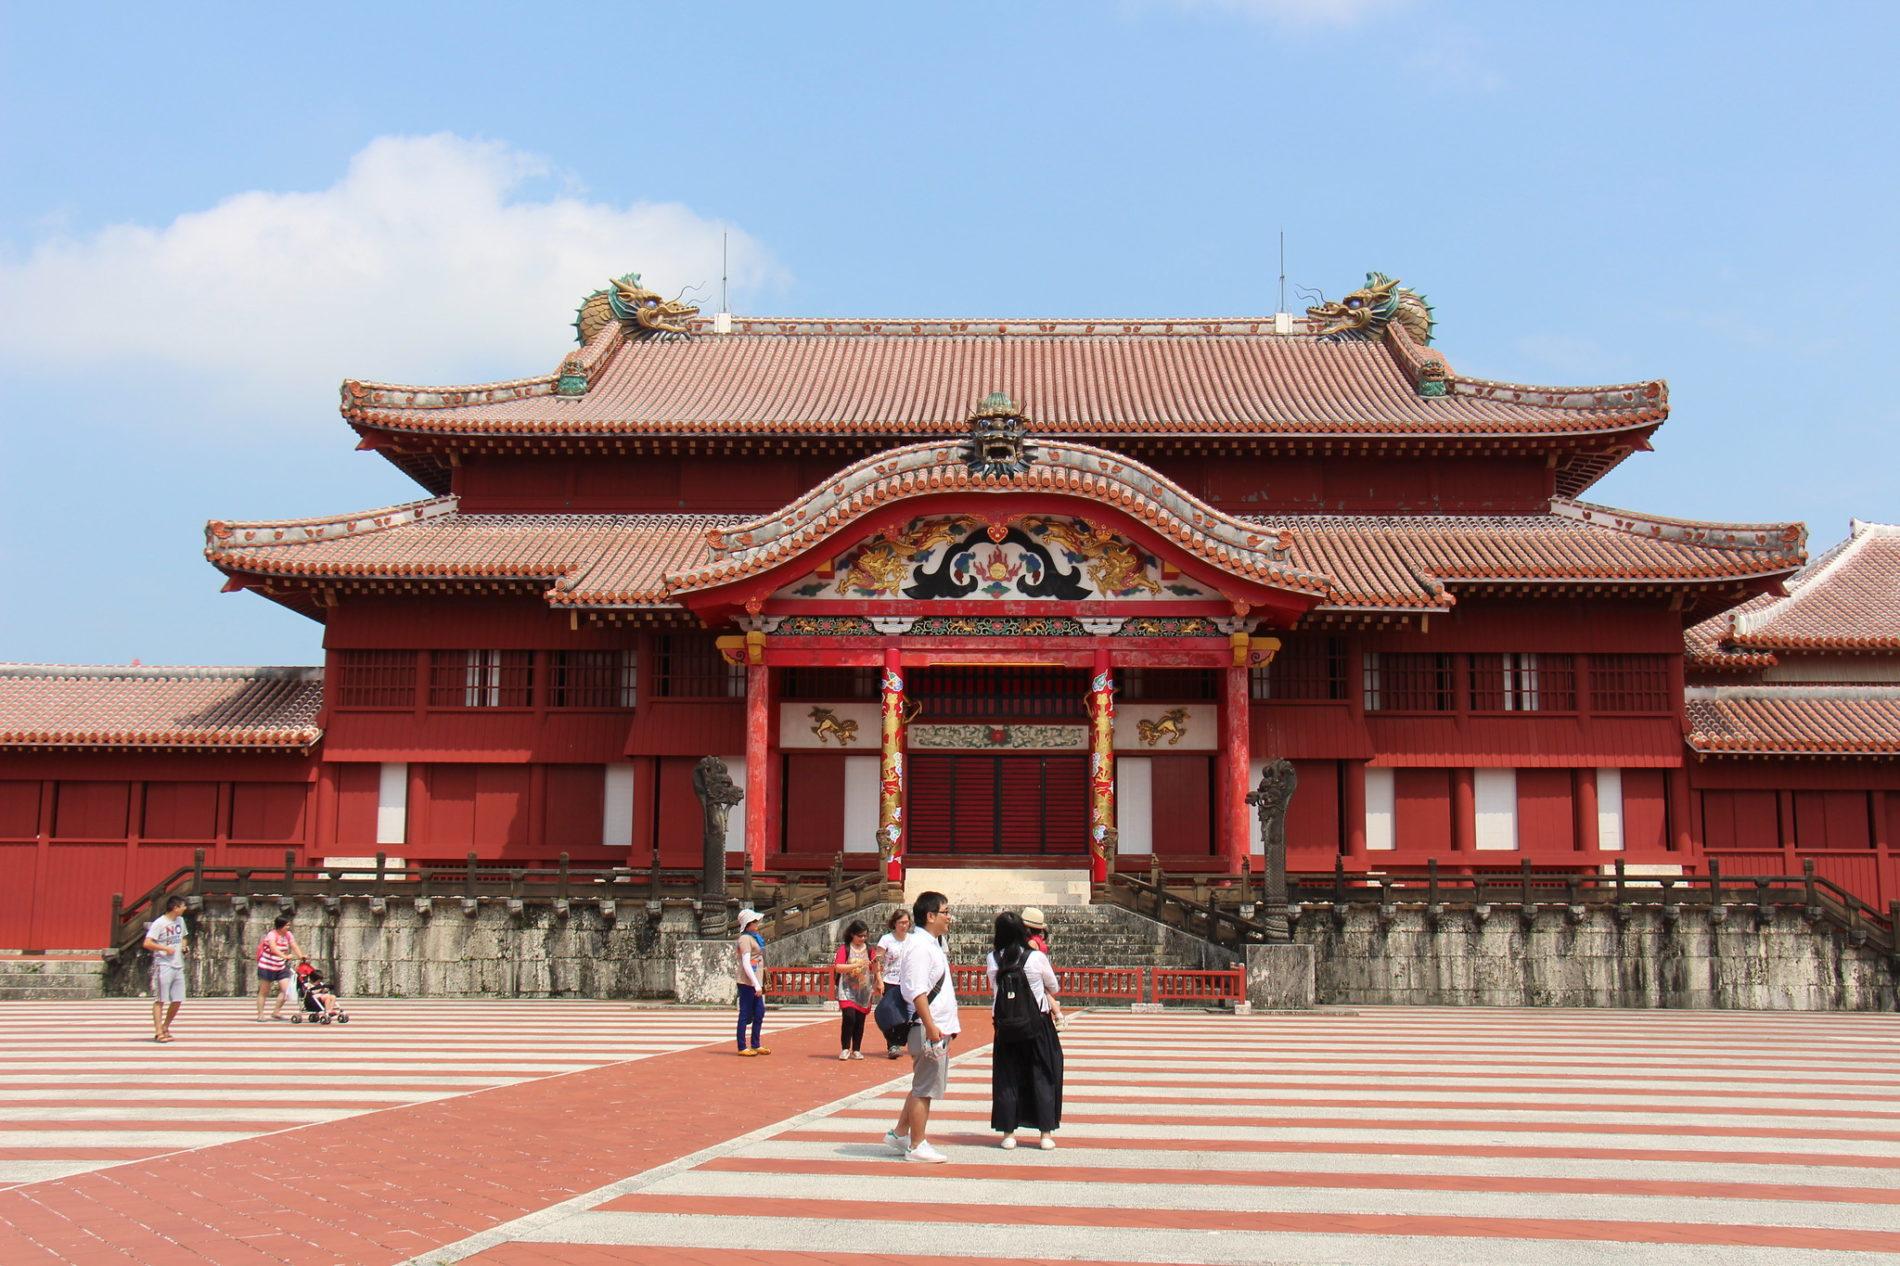 Die Burg Shuri auf Okinawa im Süden Japans ist eine der UNESCO Weltkultruerbestätten auf der Insel. 2019 brannte es leider fast vollständig ab. Bis 2026 soll es wieder aufgebaut werden.